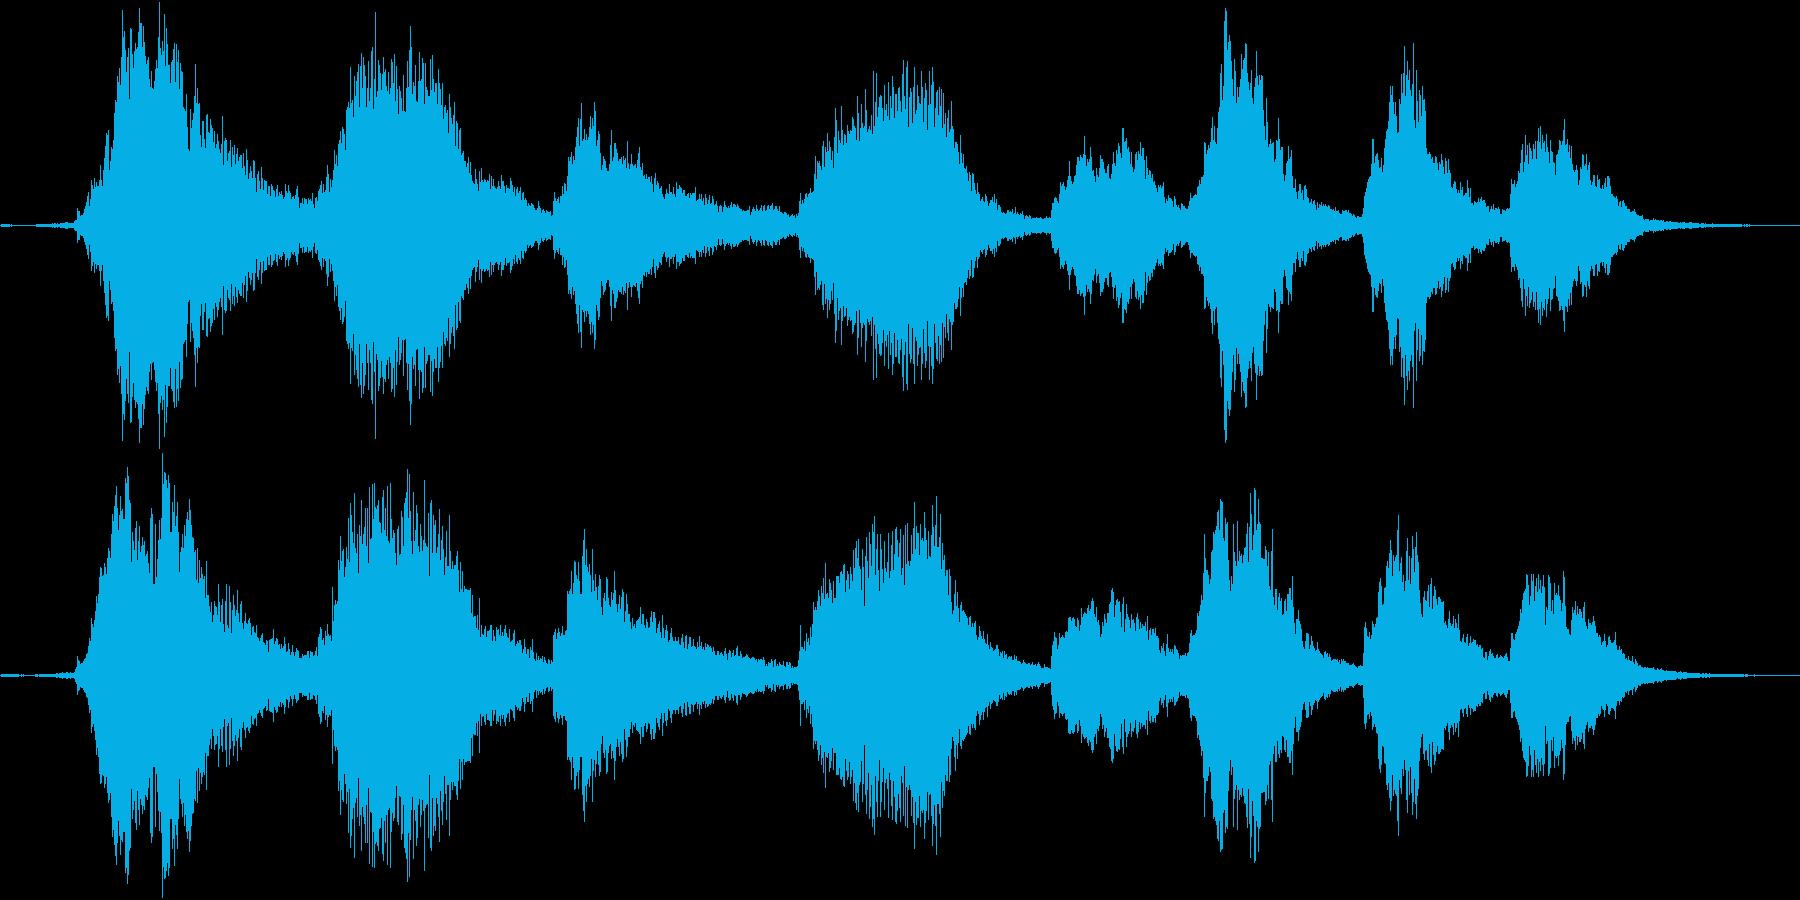 弦の振動を生かした残響アンビエントの再生済みの波形